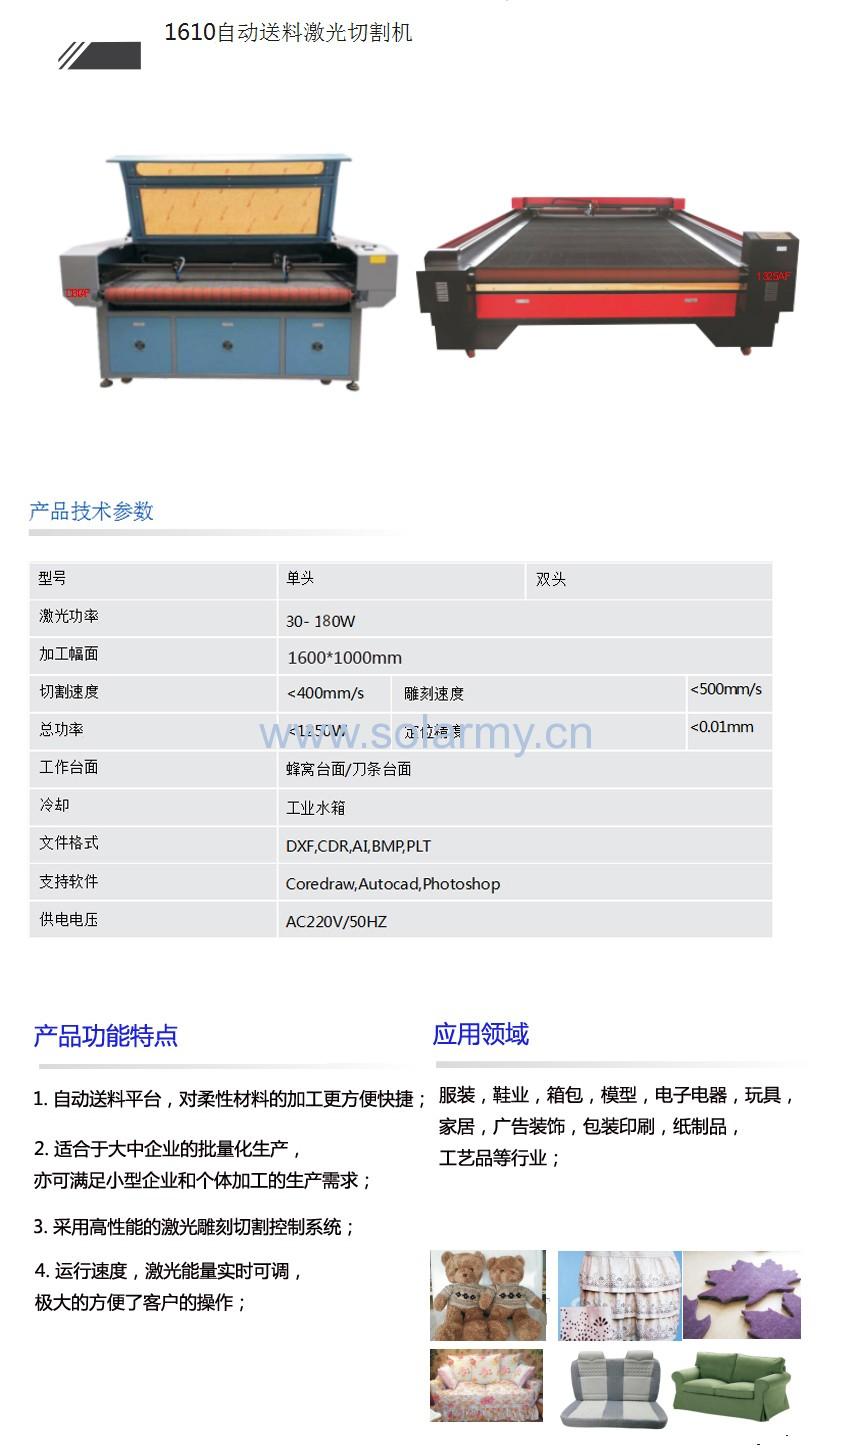 1610中文.jpg